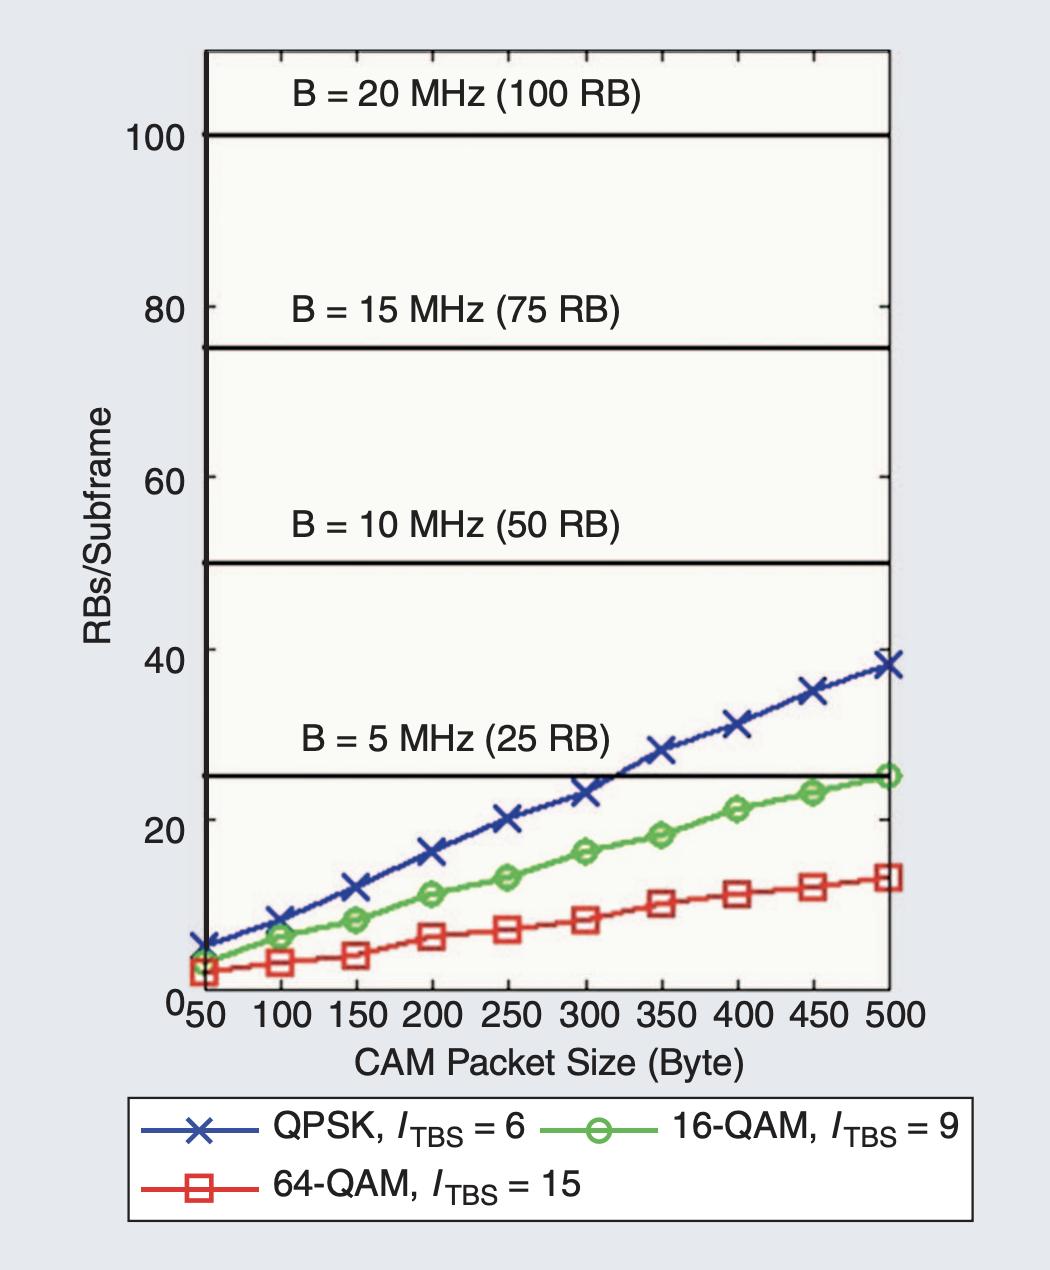 编队占用的 RB 数量与 CAM 包大小的关系